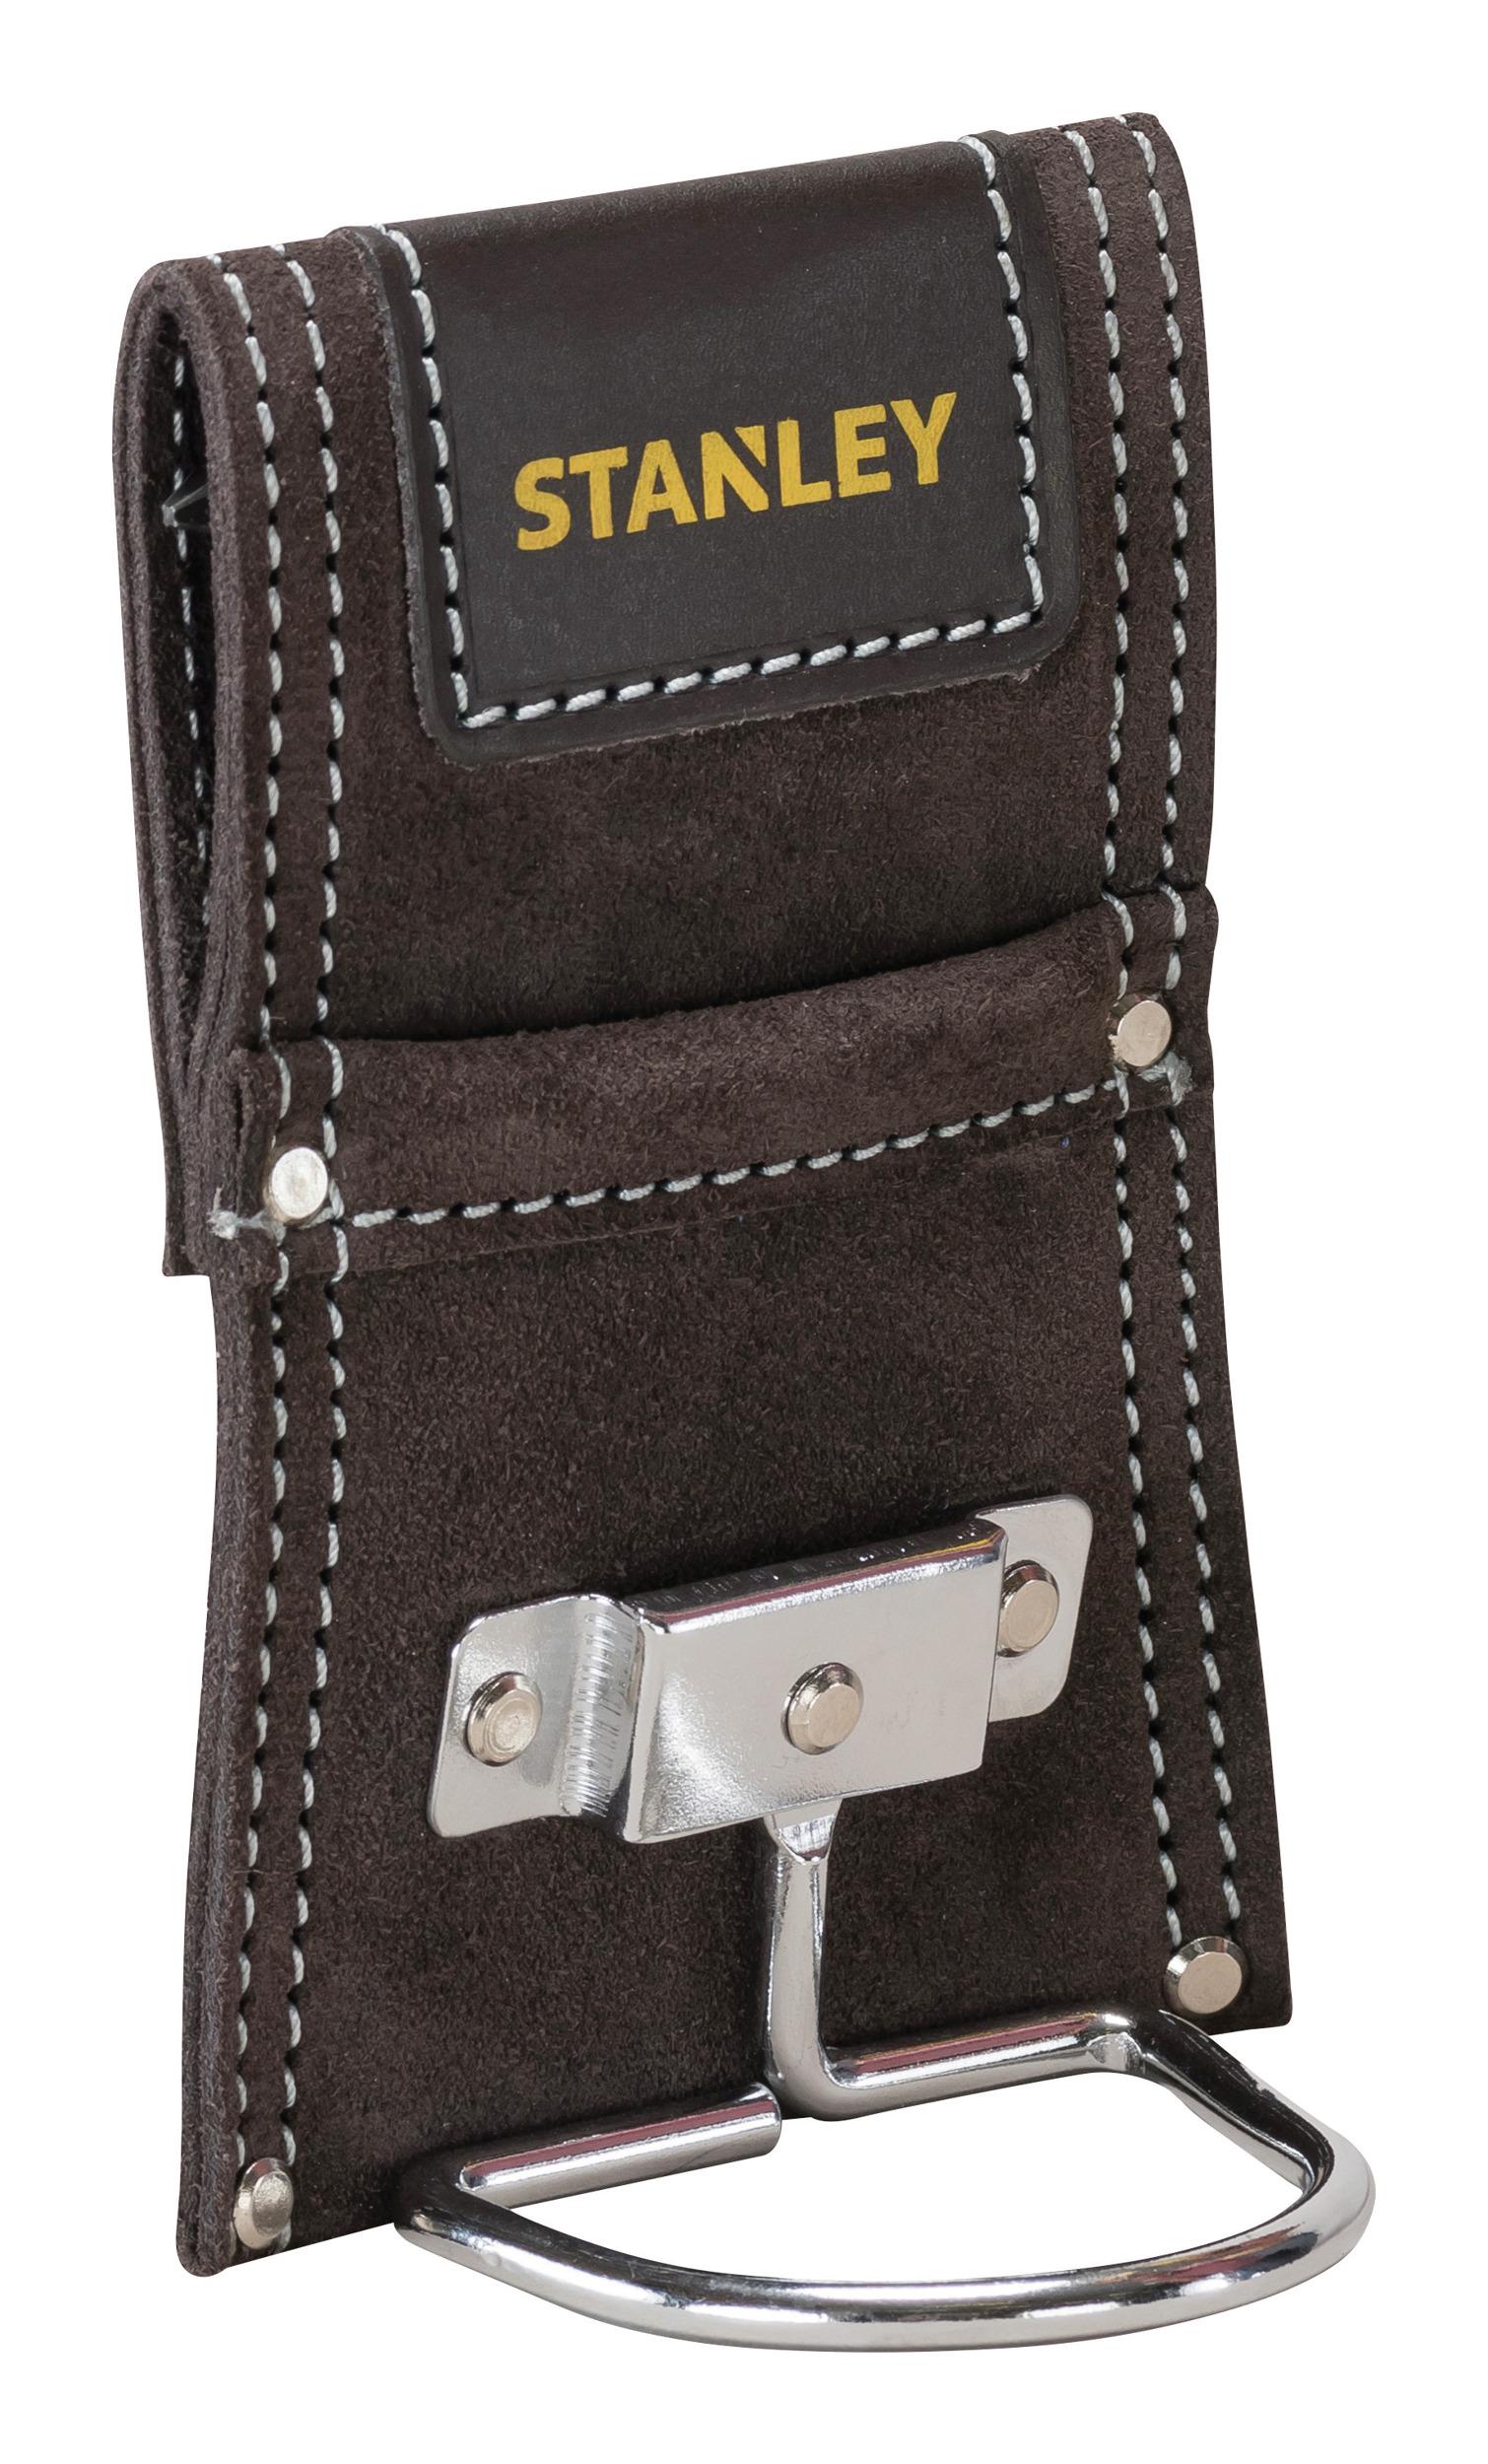 Hammerhalter STST1-80117 Leder - STST1-80117